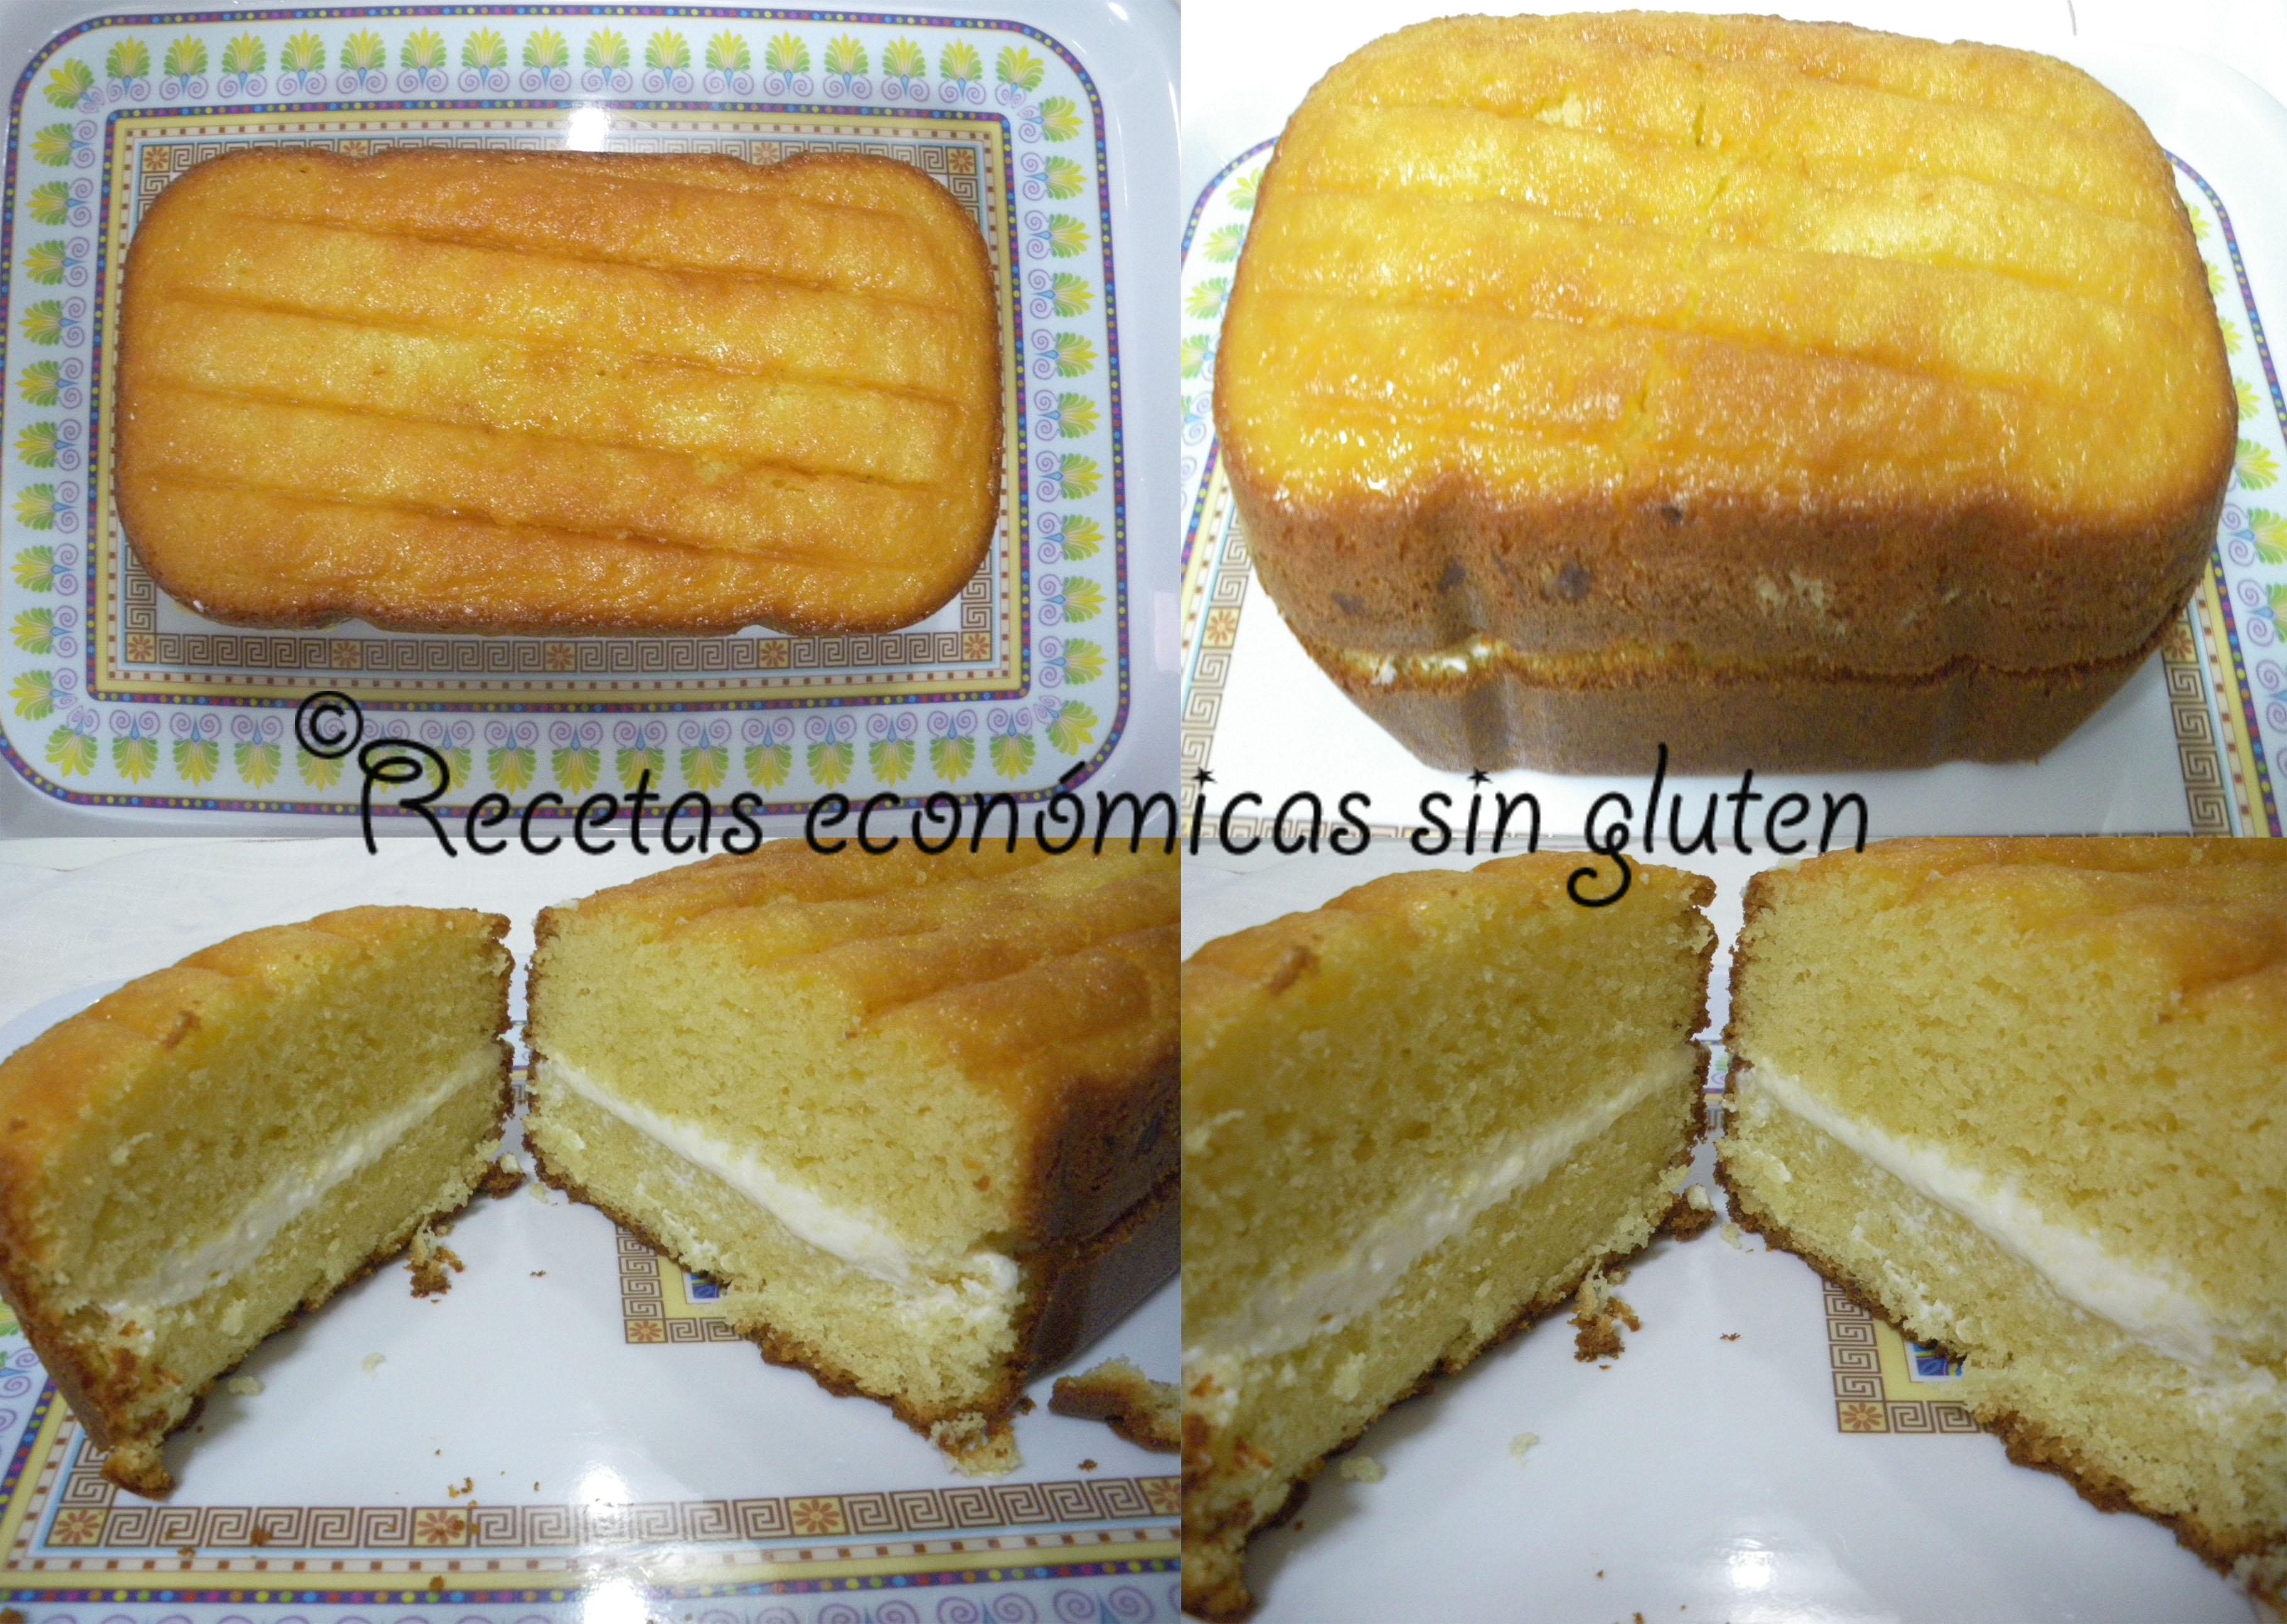 Image Result For Recetas De Cocina Bizcocho Sin Gluten Panificadora